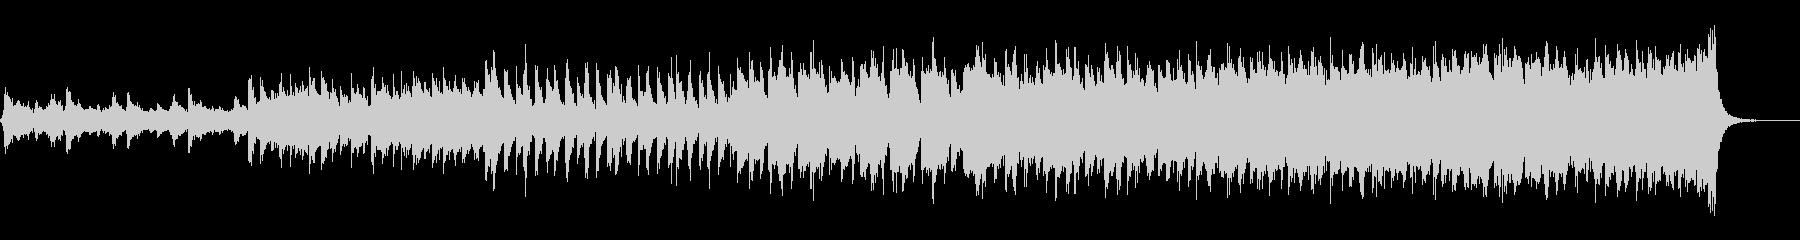 エピックオーケストラ/SFゲーム・映画系の未再生の波形